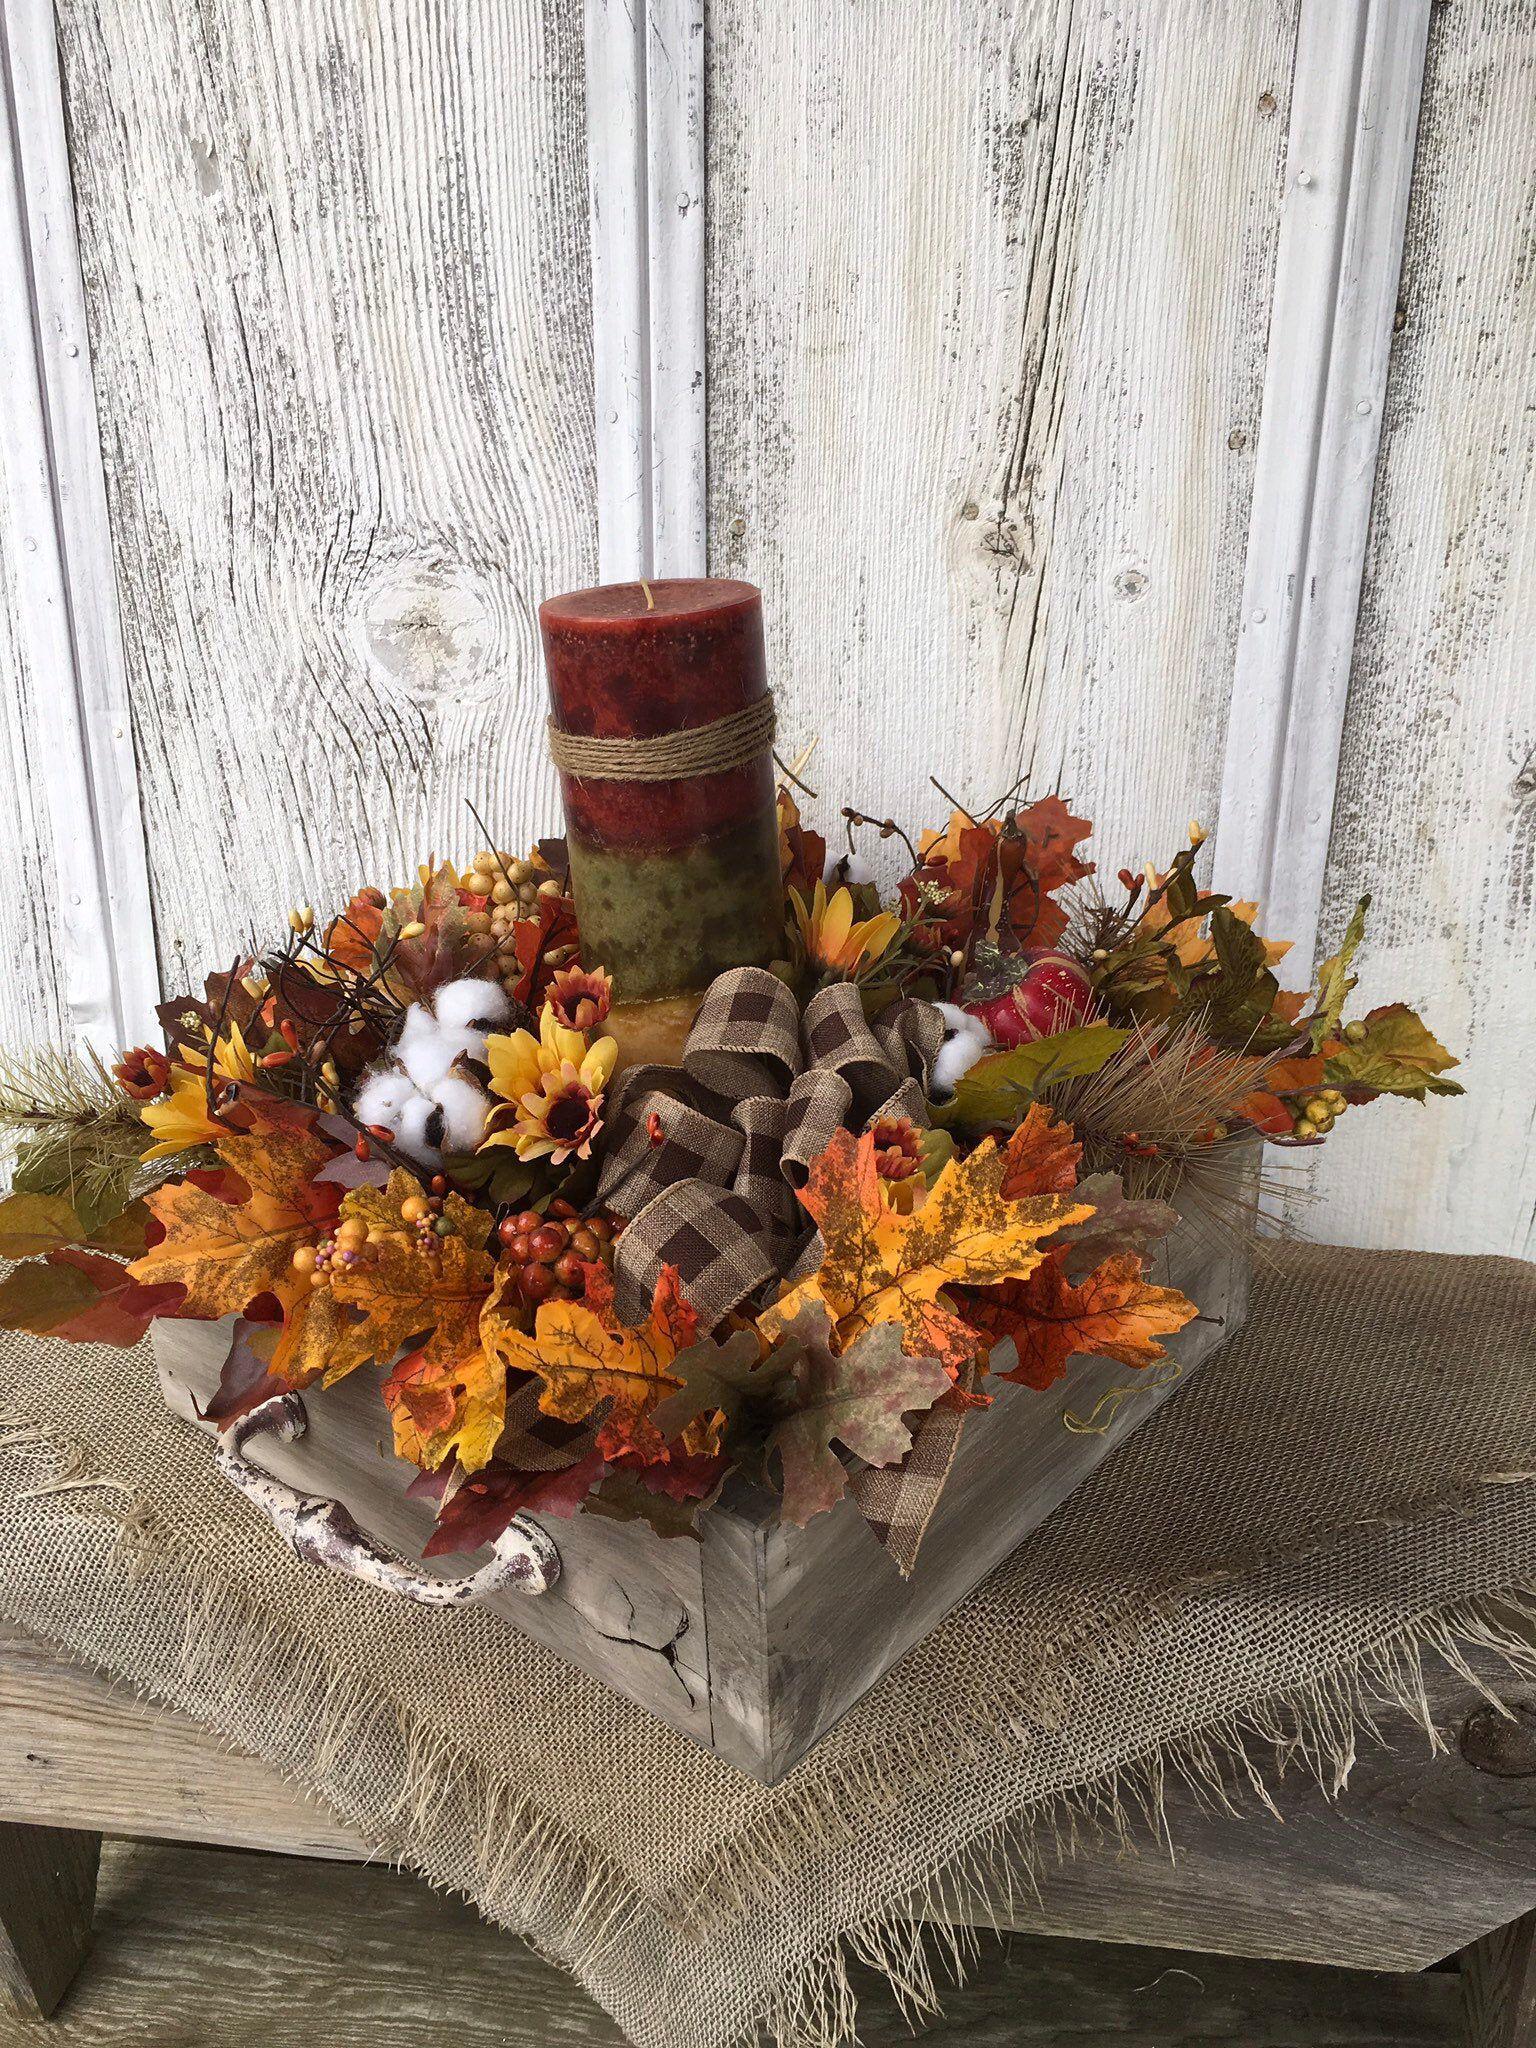 Fall pumpkin arrangement in an aged wood box autumn